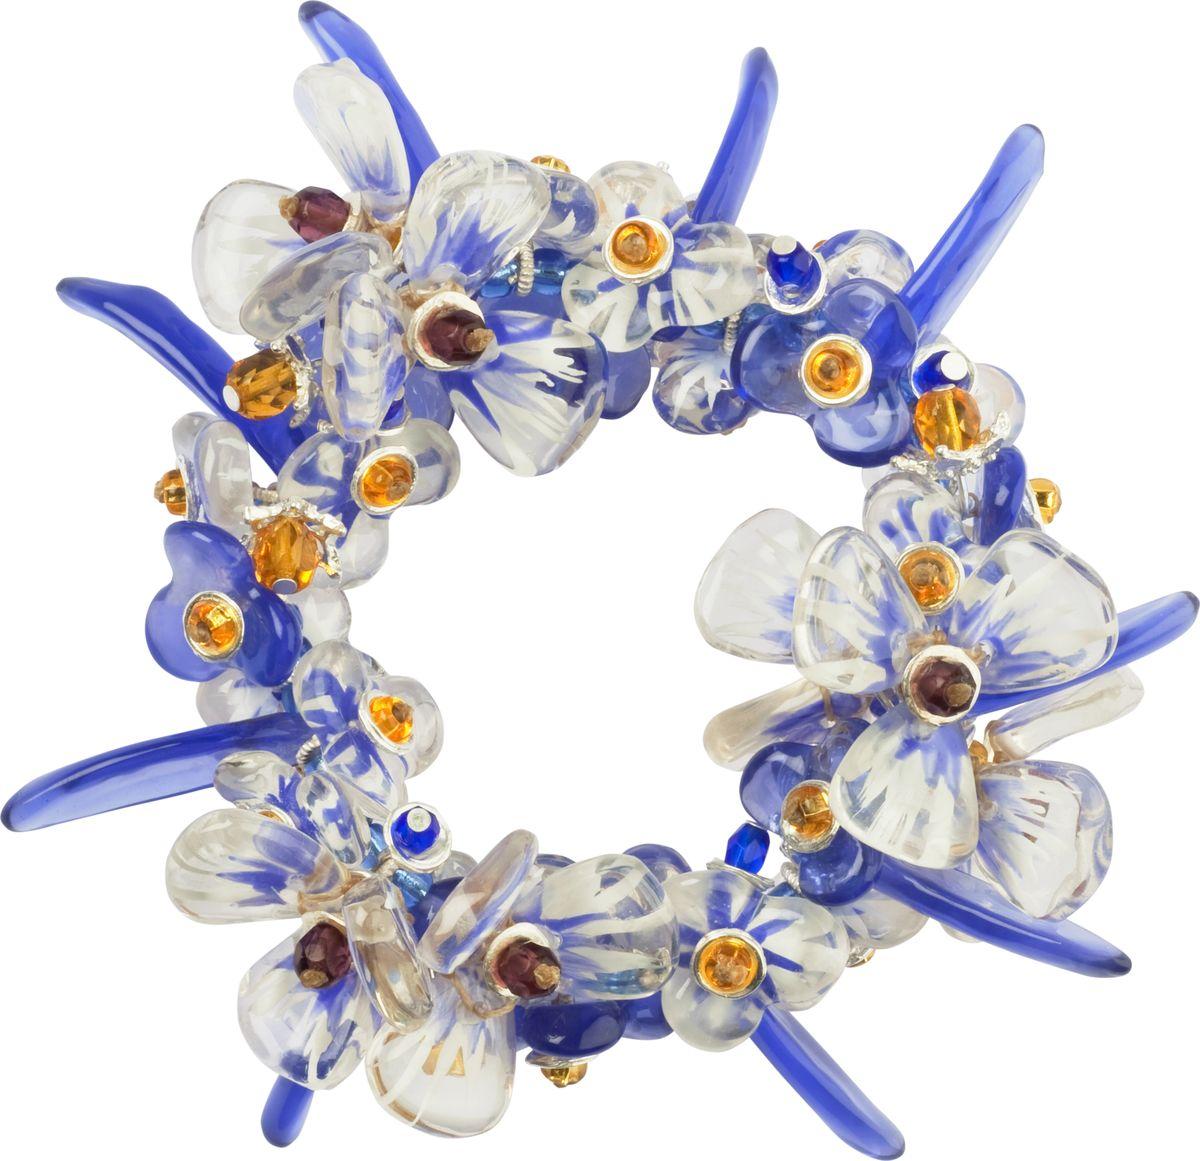 Браслет Lalo Treasures, цвет: синий, прозрачный. B2433/3Браслет с подвескамиОригинальный браслет Lalo Treasures выполнен из ювелирной смолы и металлического сплава. Декоративные элементы собраны на эластичной резинке, с помощью которой браслет растягивается до необходимого размера.Стильное украшение поможет дополнить любой образ и привнести в него завершающий яркий штрих.